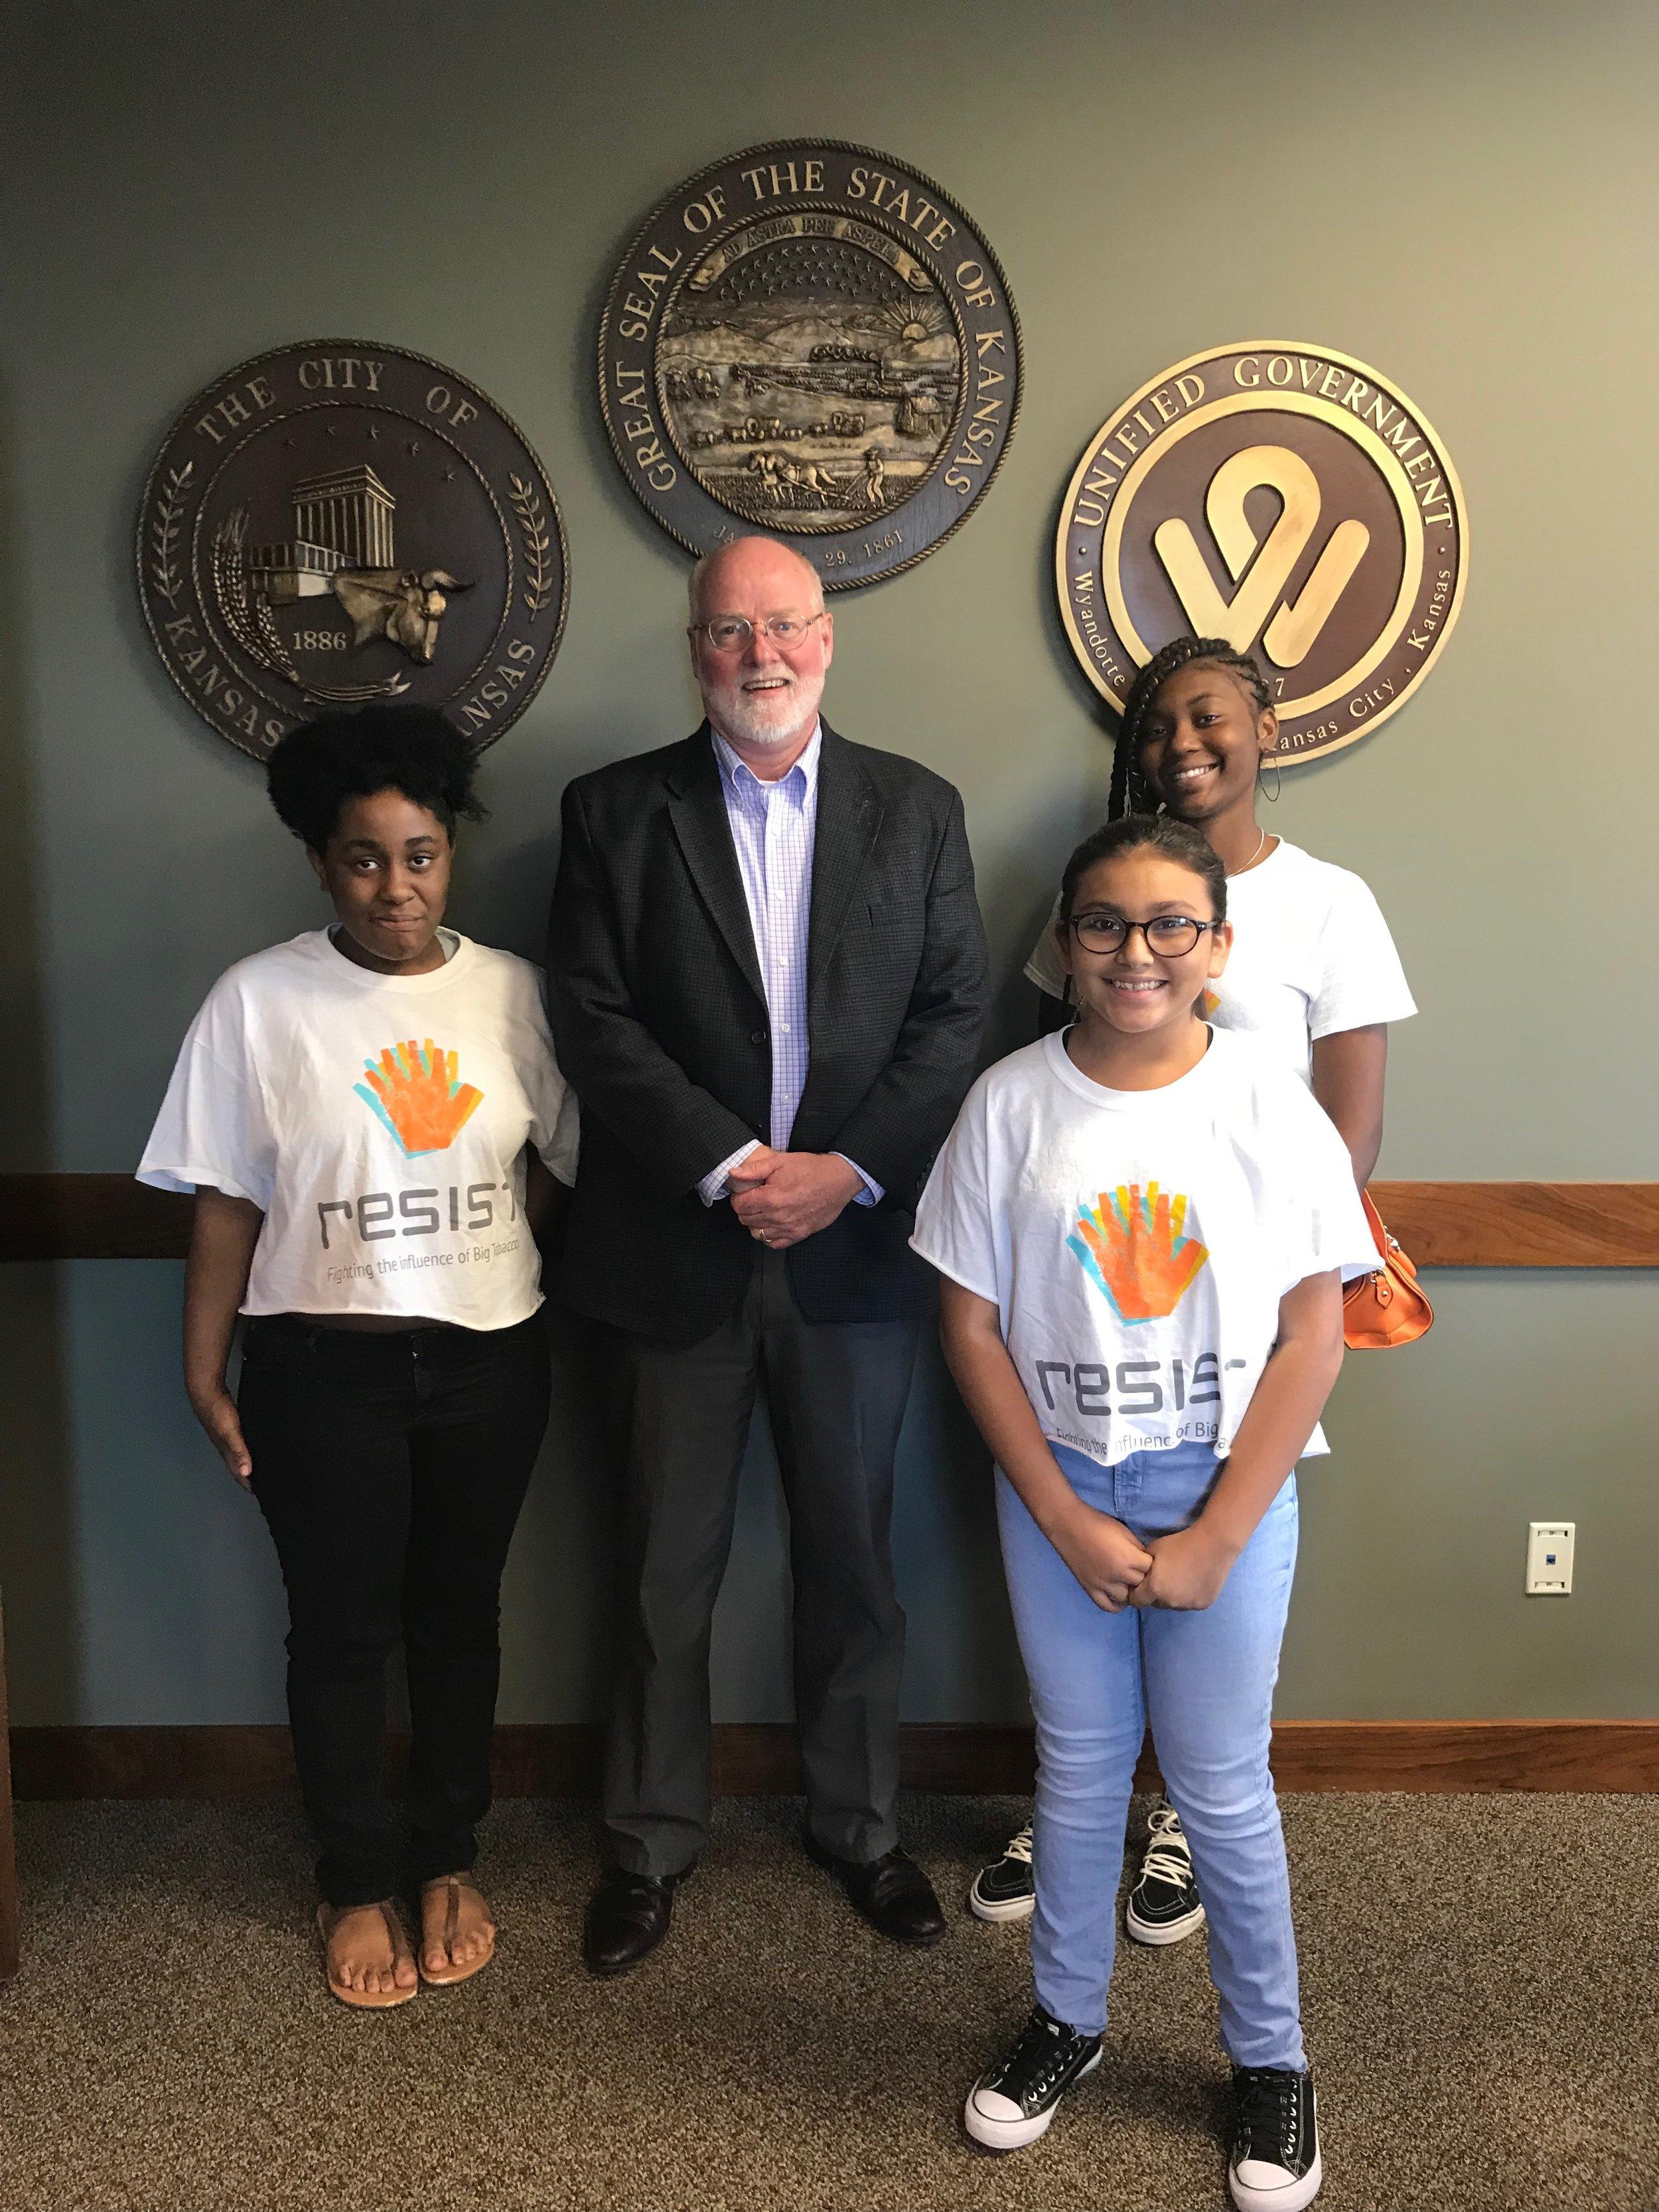 Resist members met with Mayor Alvey - Summer 2018